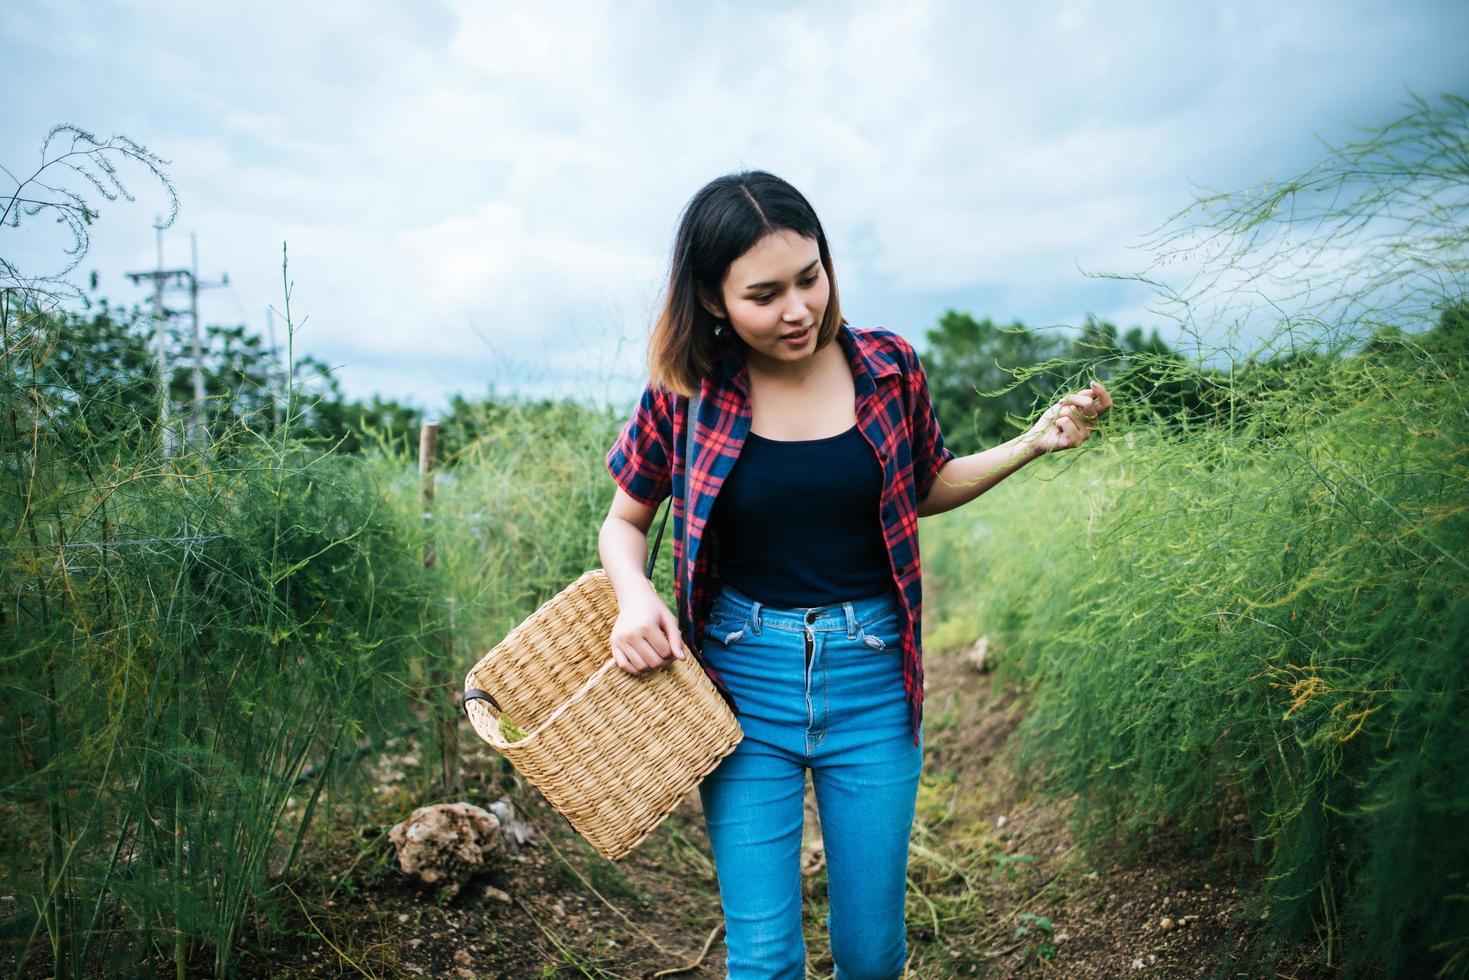 jeune agriculteur récolte des asperges fraîches photo